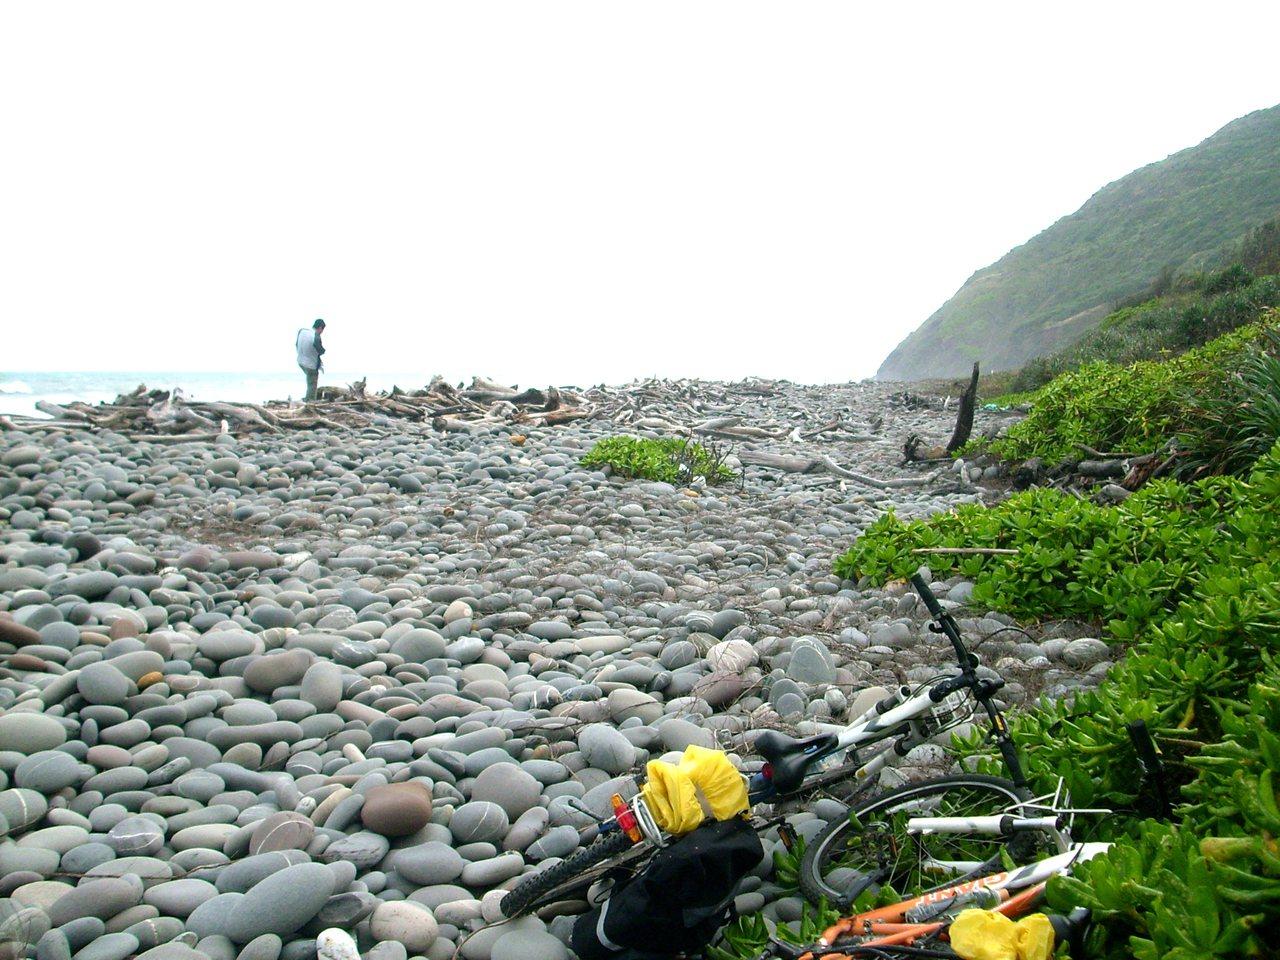 南田海岸盛產的南田石,是東部海岸獨有鵝卵石海灘,全長近1公里,每顆石形渾然天成。...